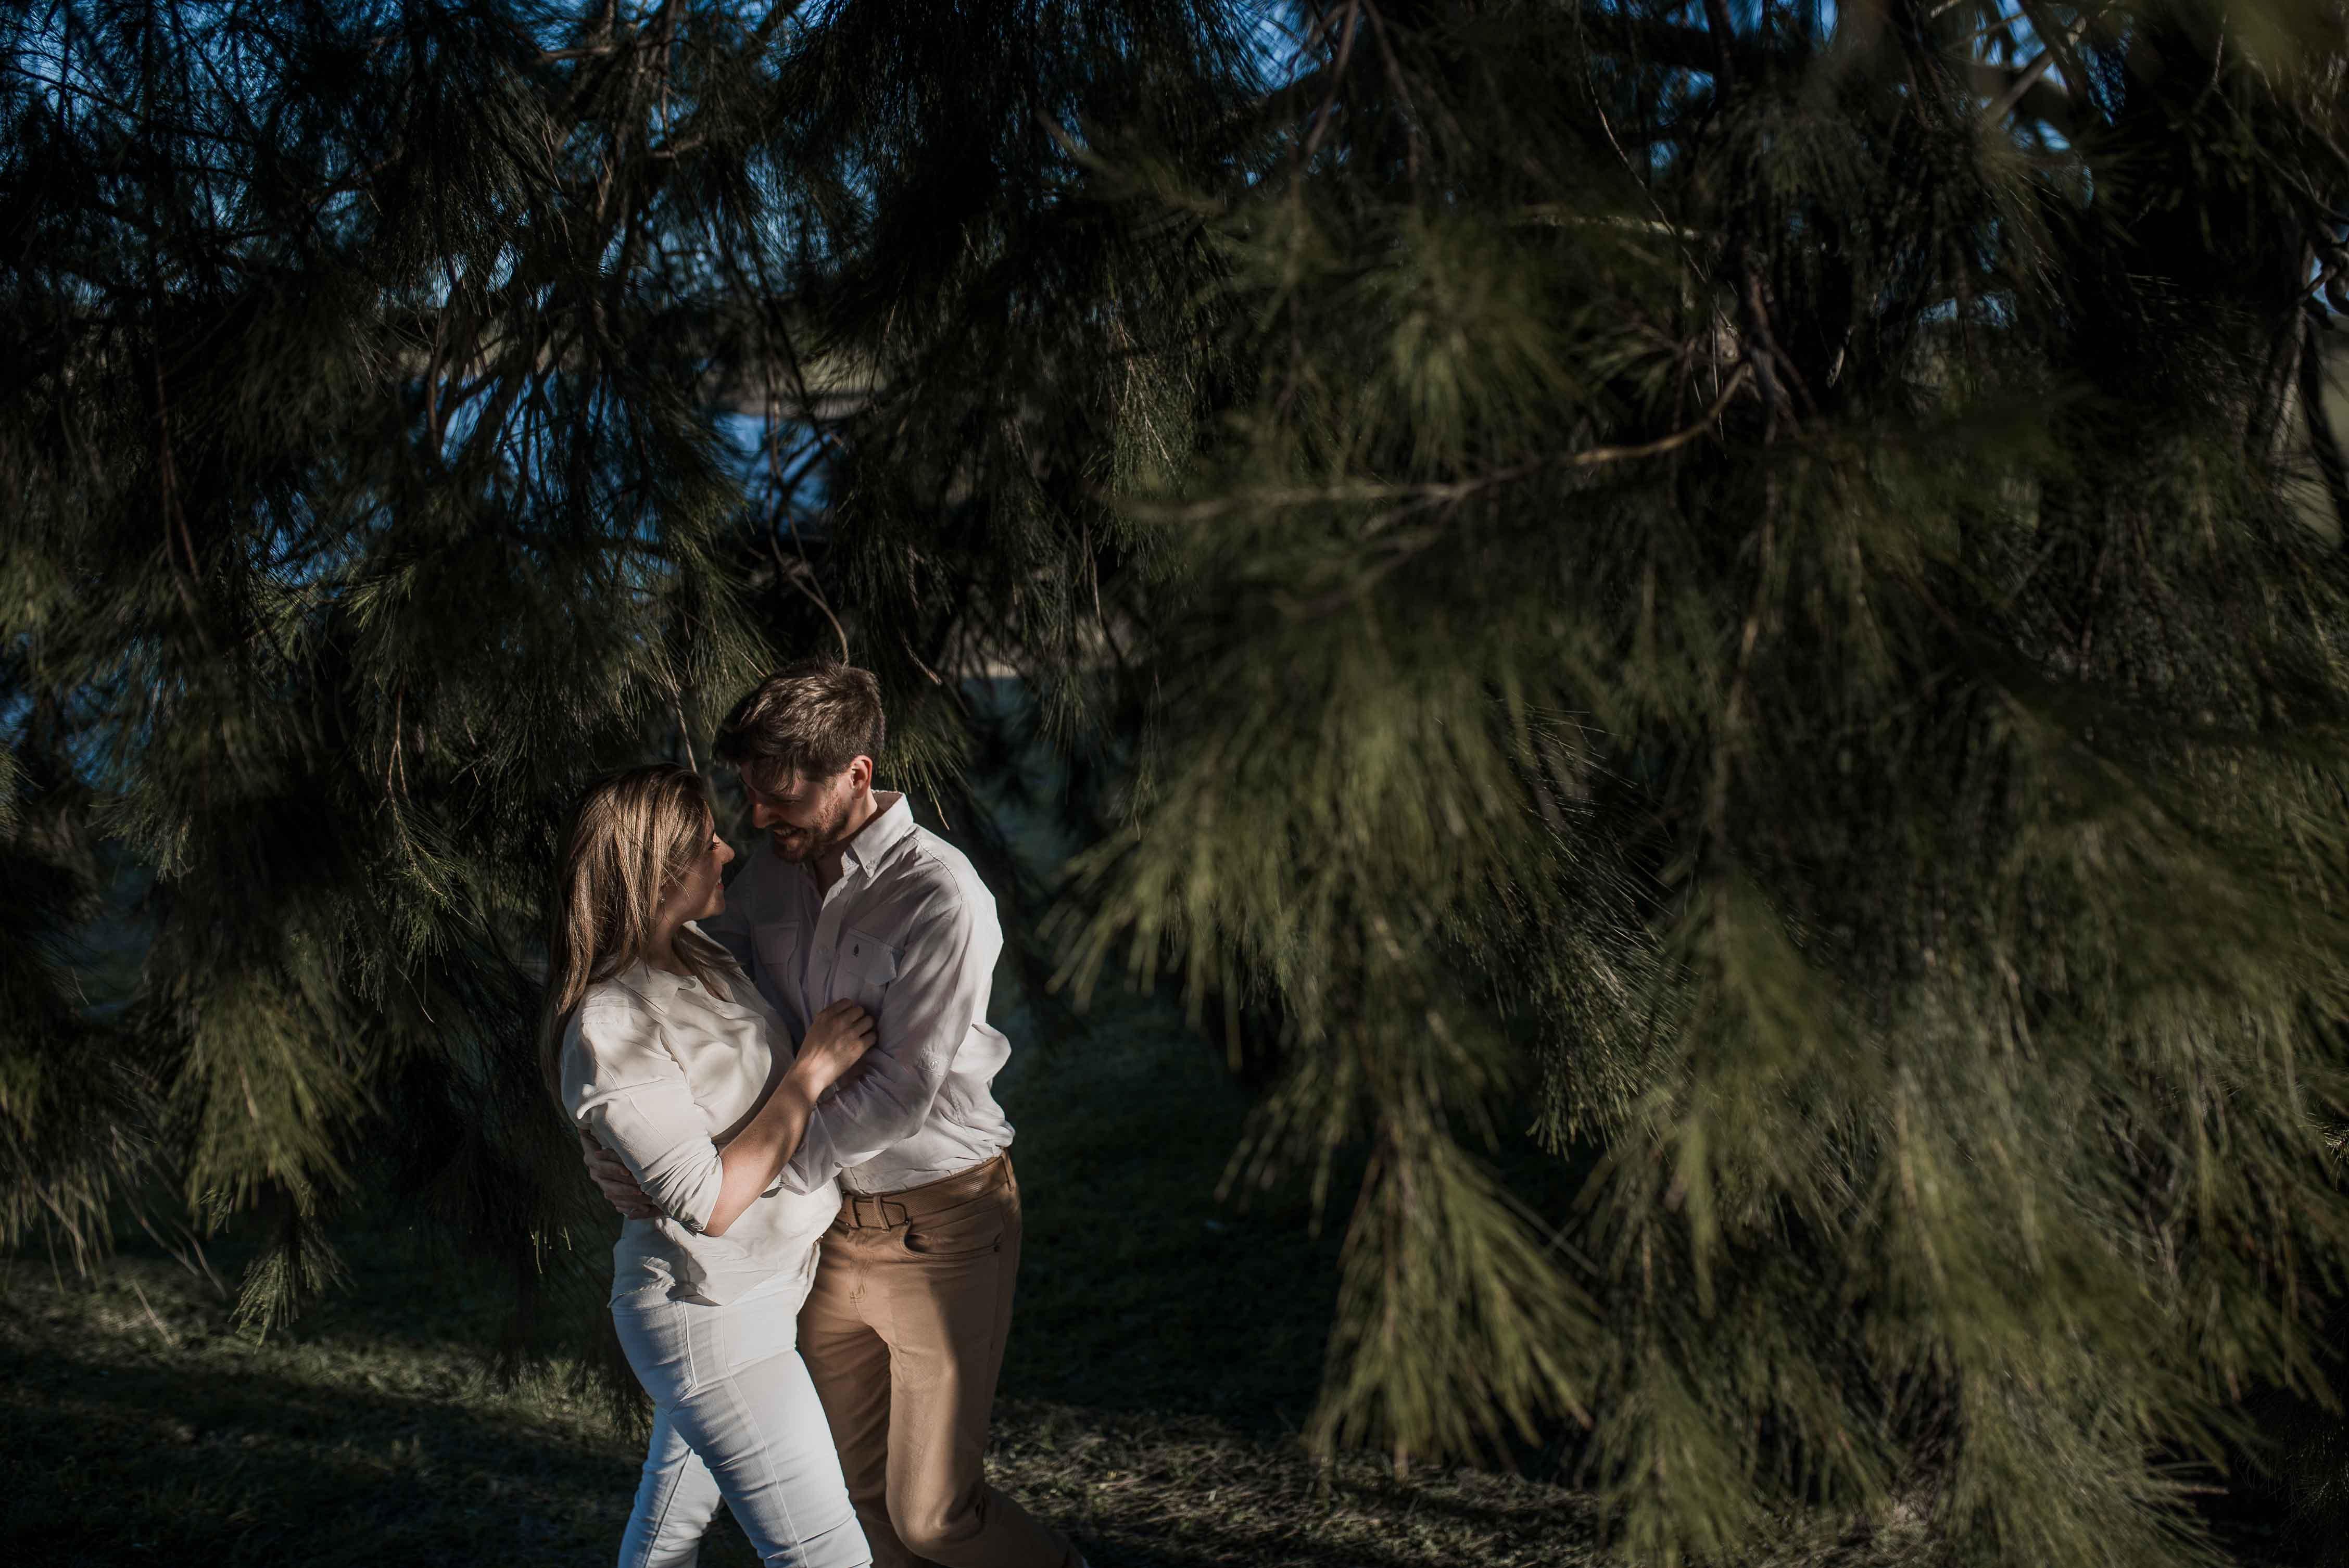 Fotos de la pre boda de Ani y Gonza en Victoria realizadas por Bucle Fotografias Flor Bosio y Caro Clerici